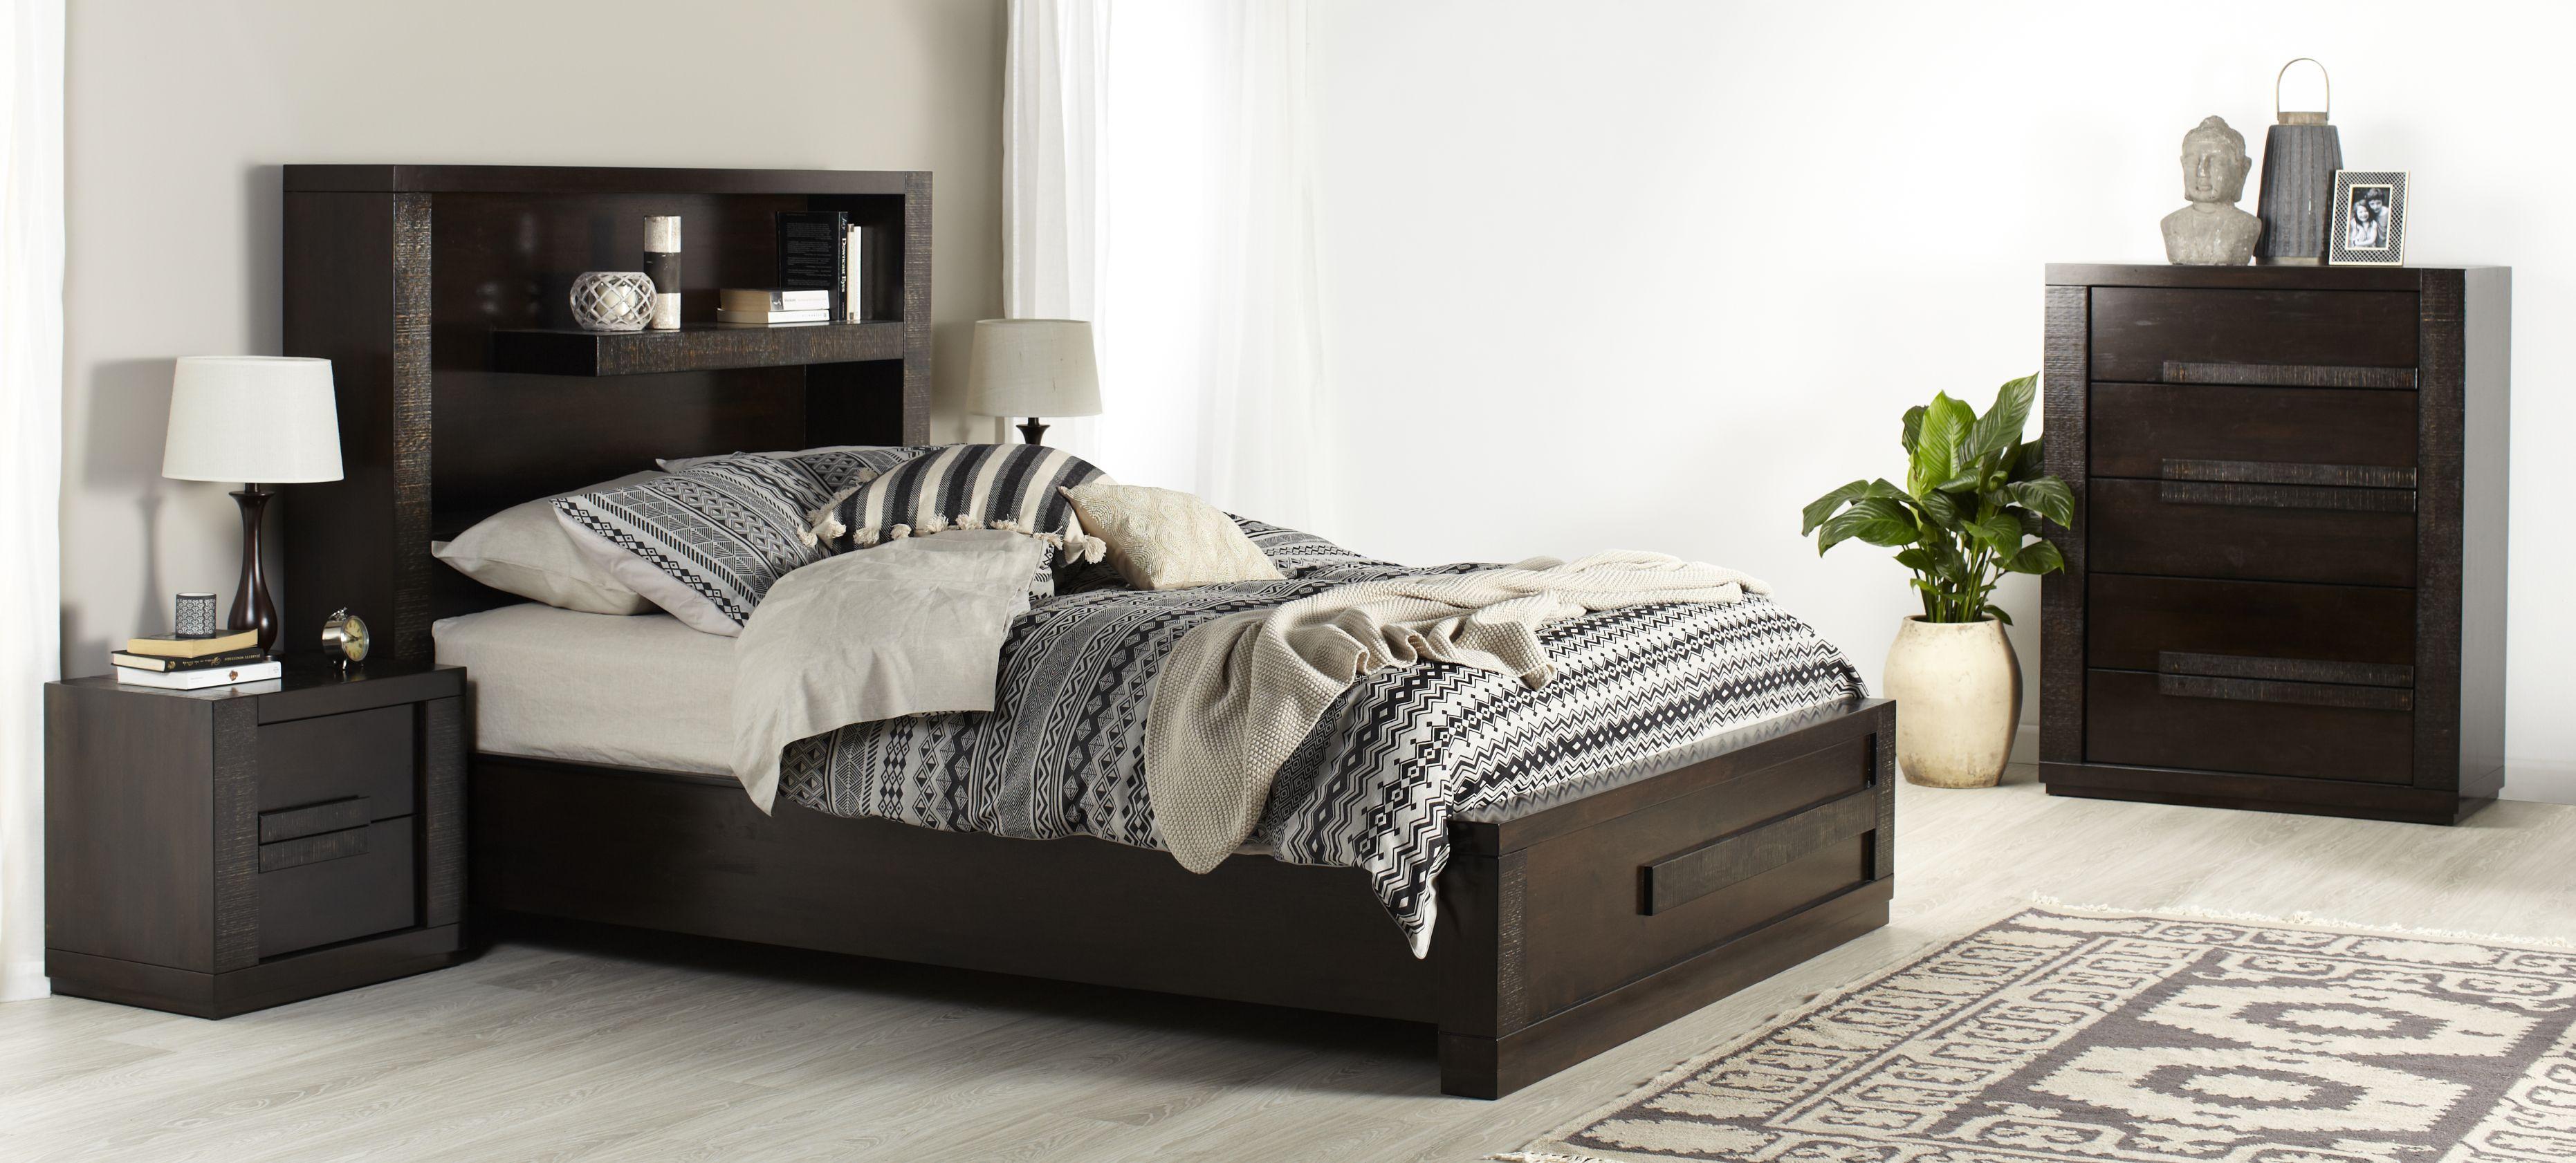 Java Bedside Table Brown Bedroom Furniture Forty Winks Contemporary Bedroom Furniture Furniture Bedroom Furniture